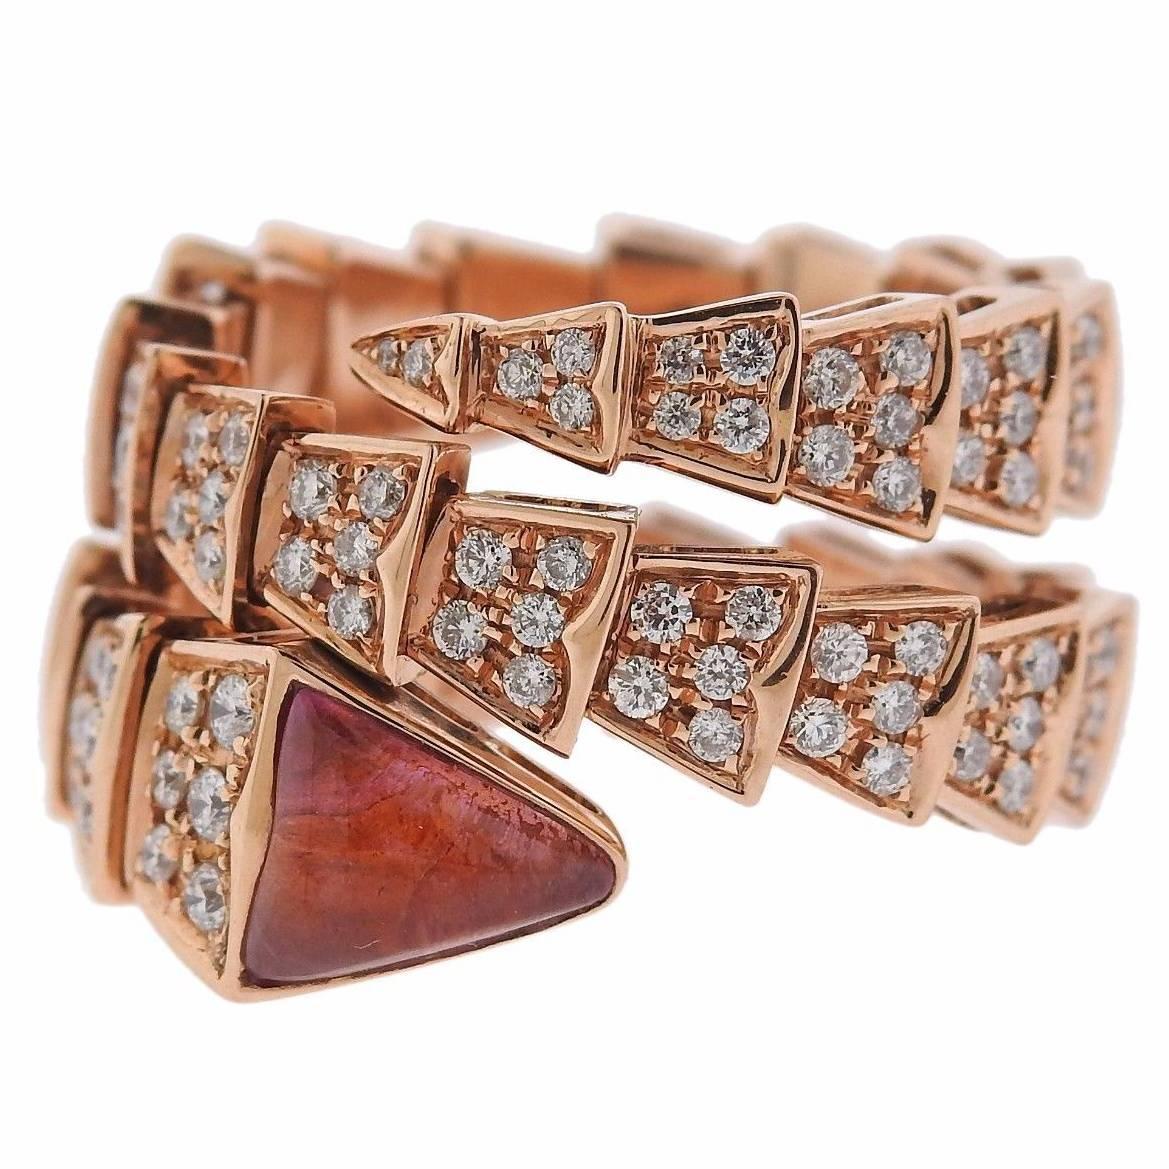 bulgari serpenti diamond tourmaline 18 karat rose gold ring